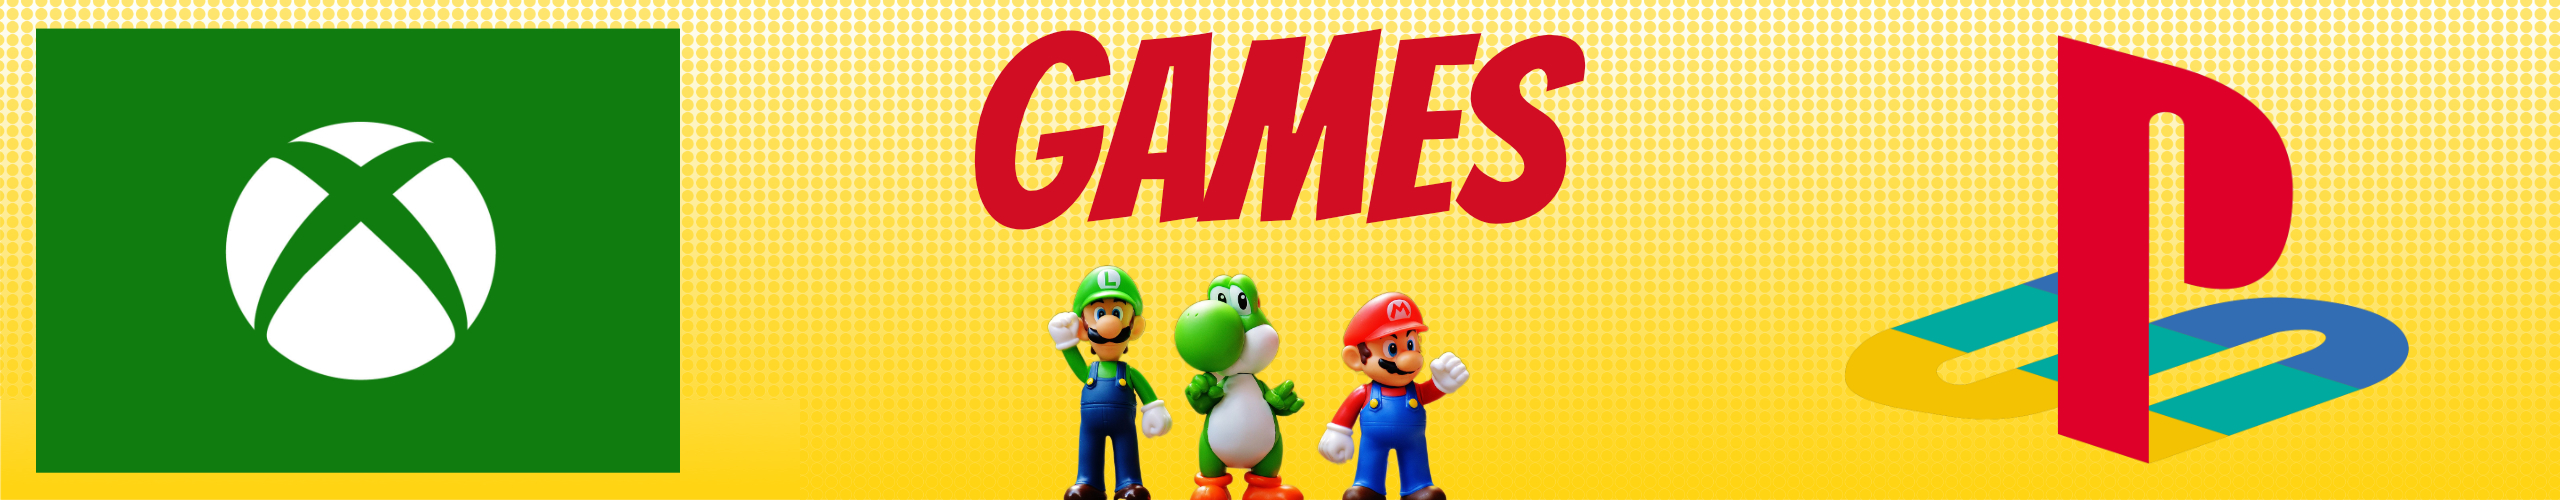 Afbeelding voor de titel Games